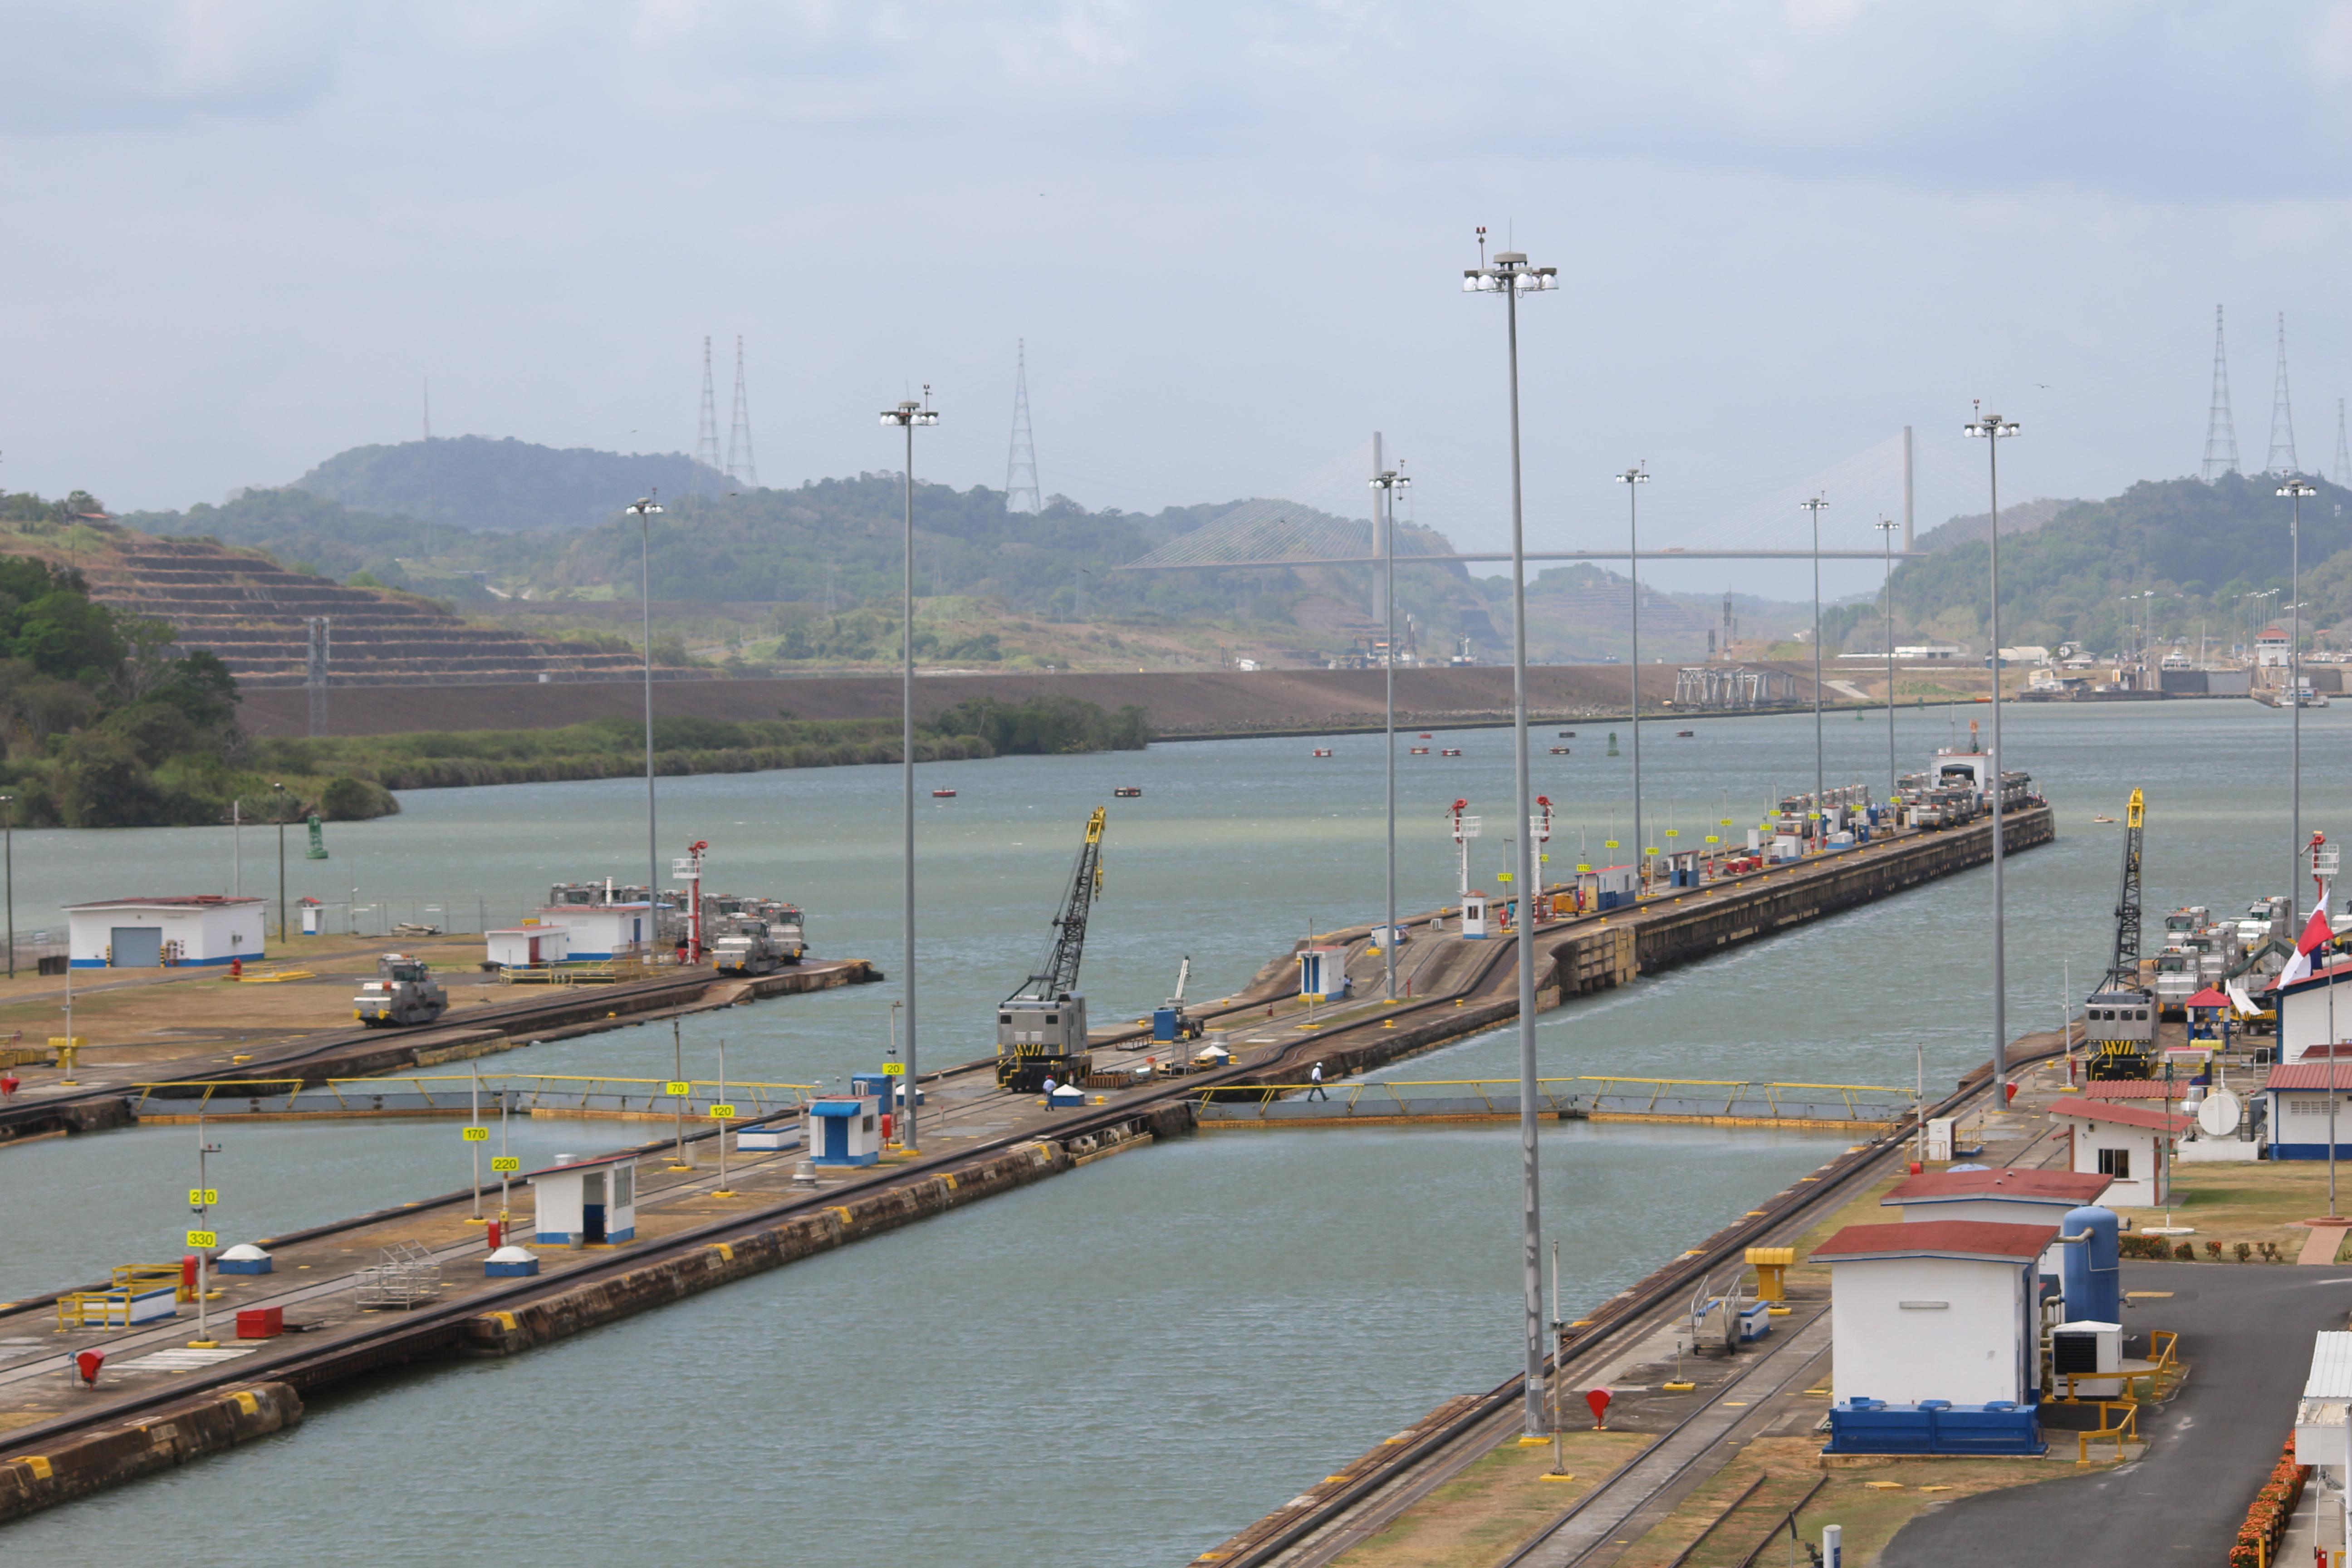 Christian Strassnig berichtet u.a. über Panamas Geschichte und den Bau des Panamakanals.